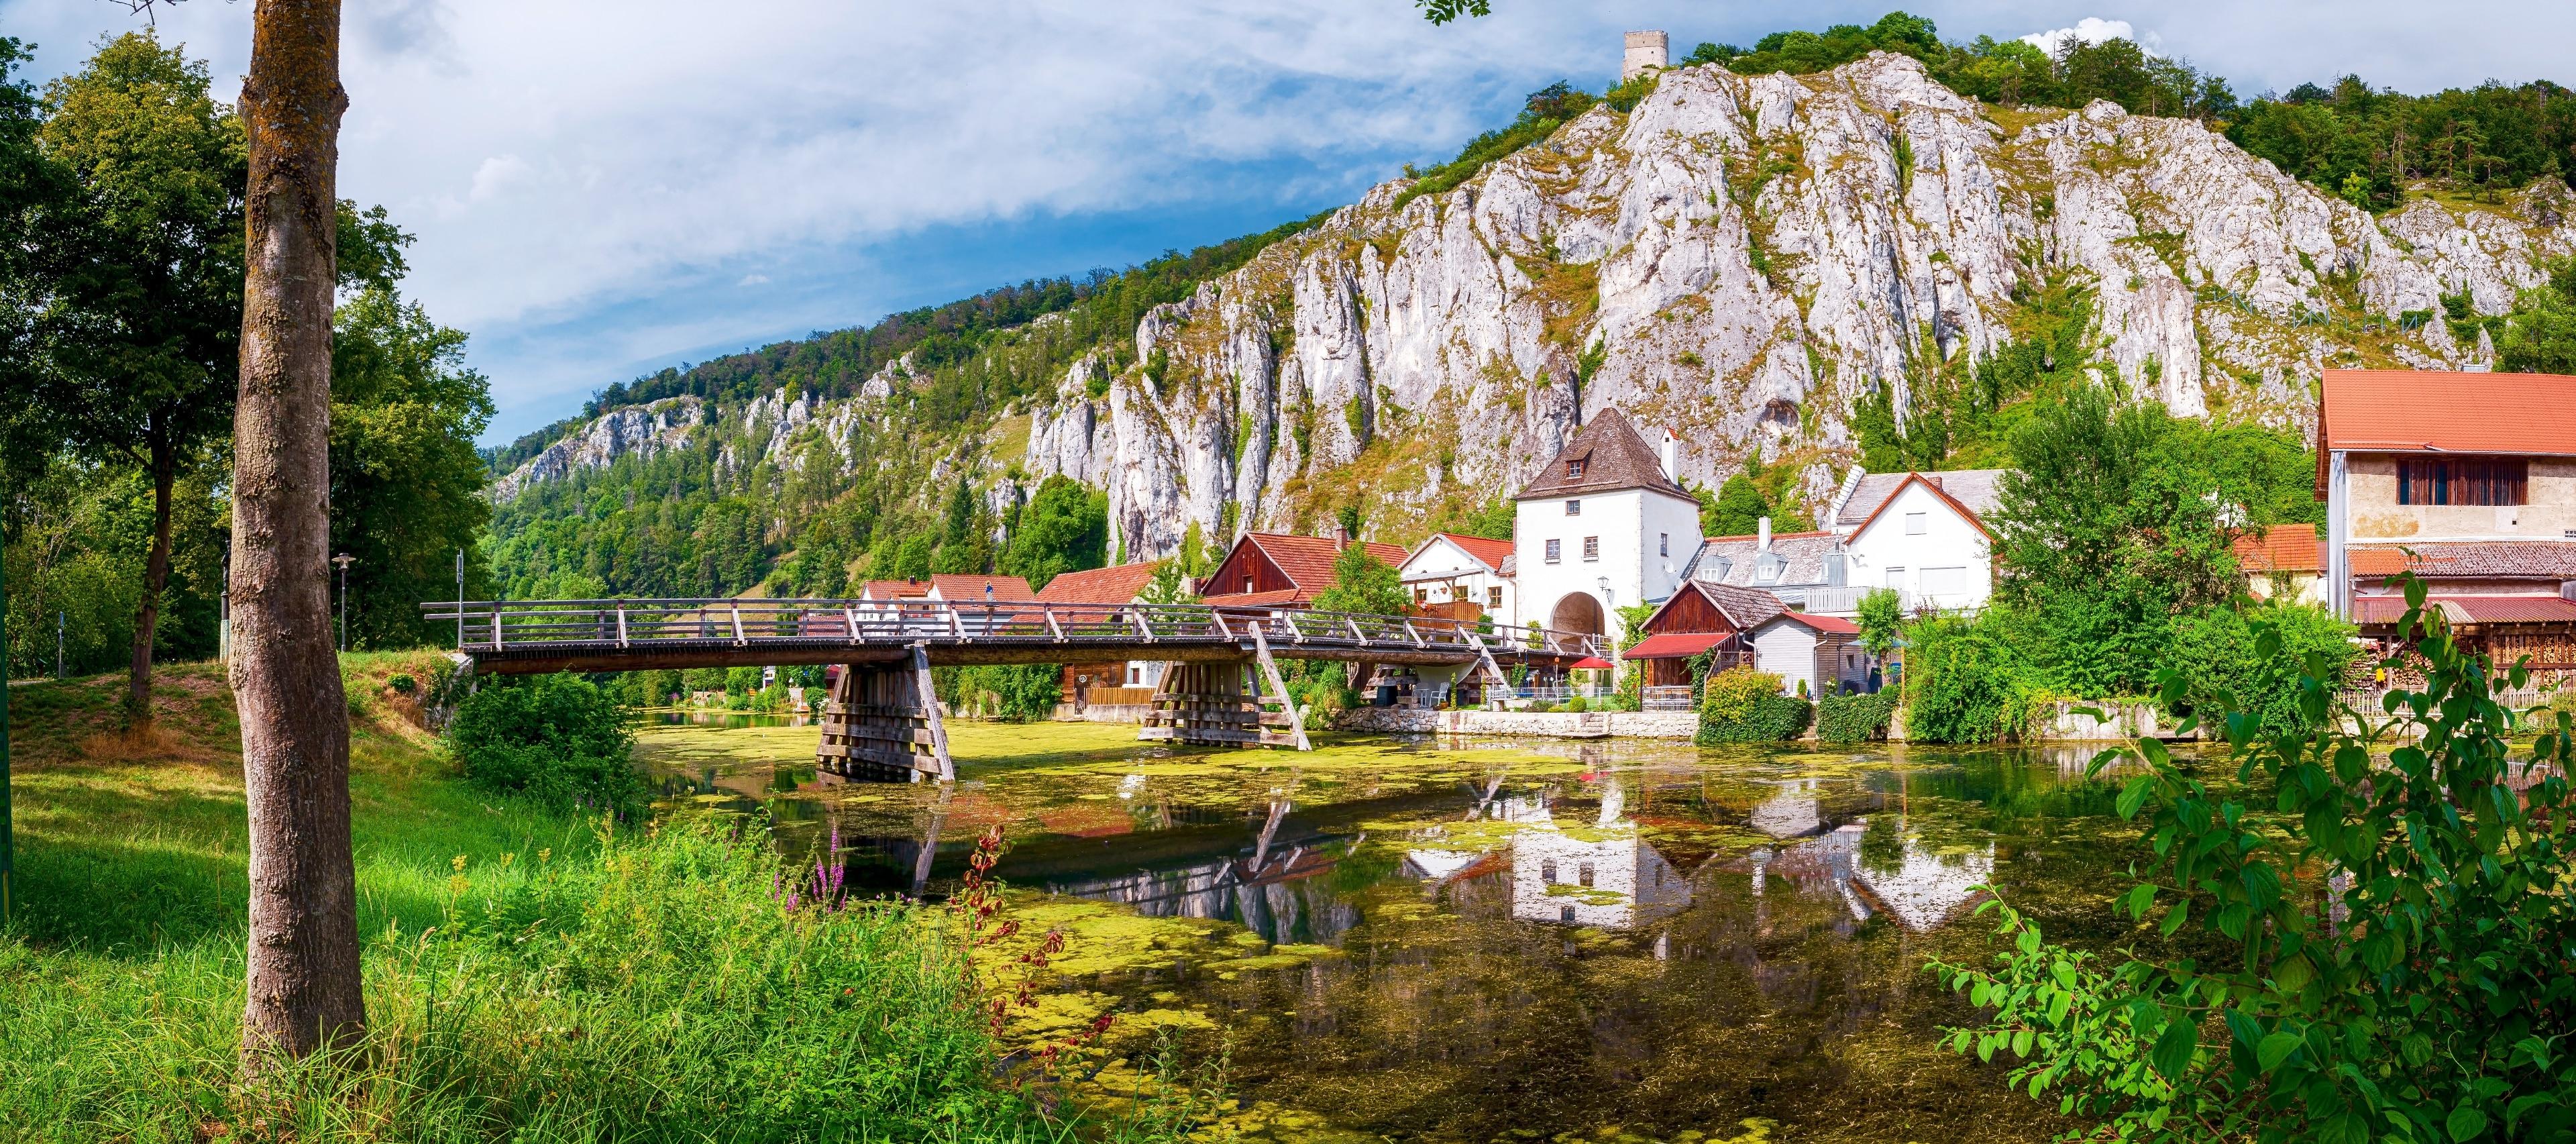 Lower Bavaria, Bavaria, Germany